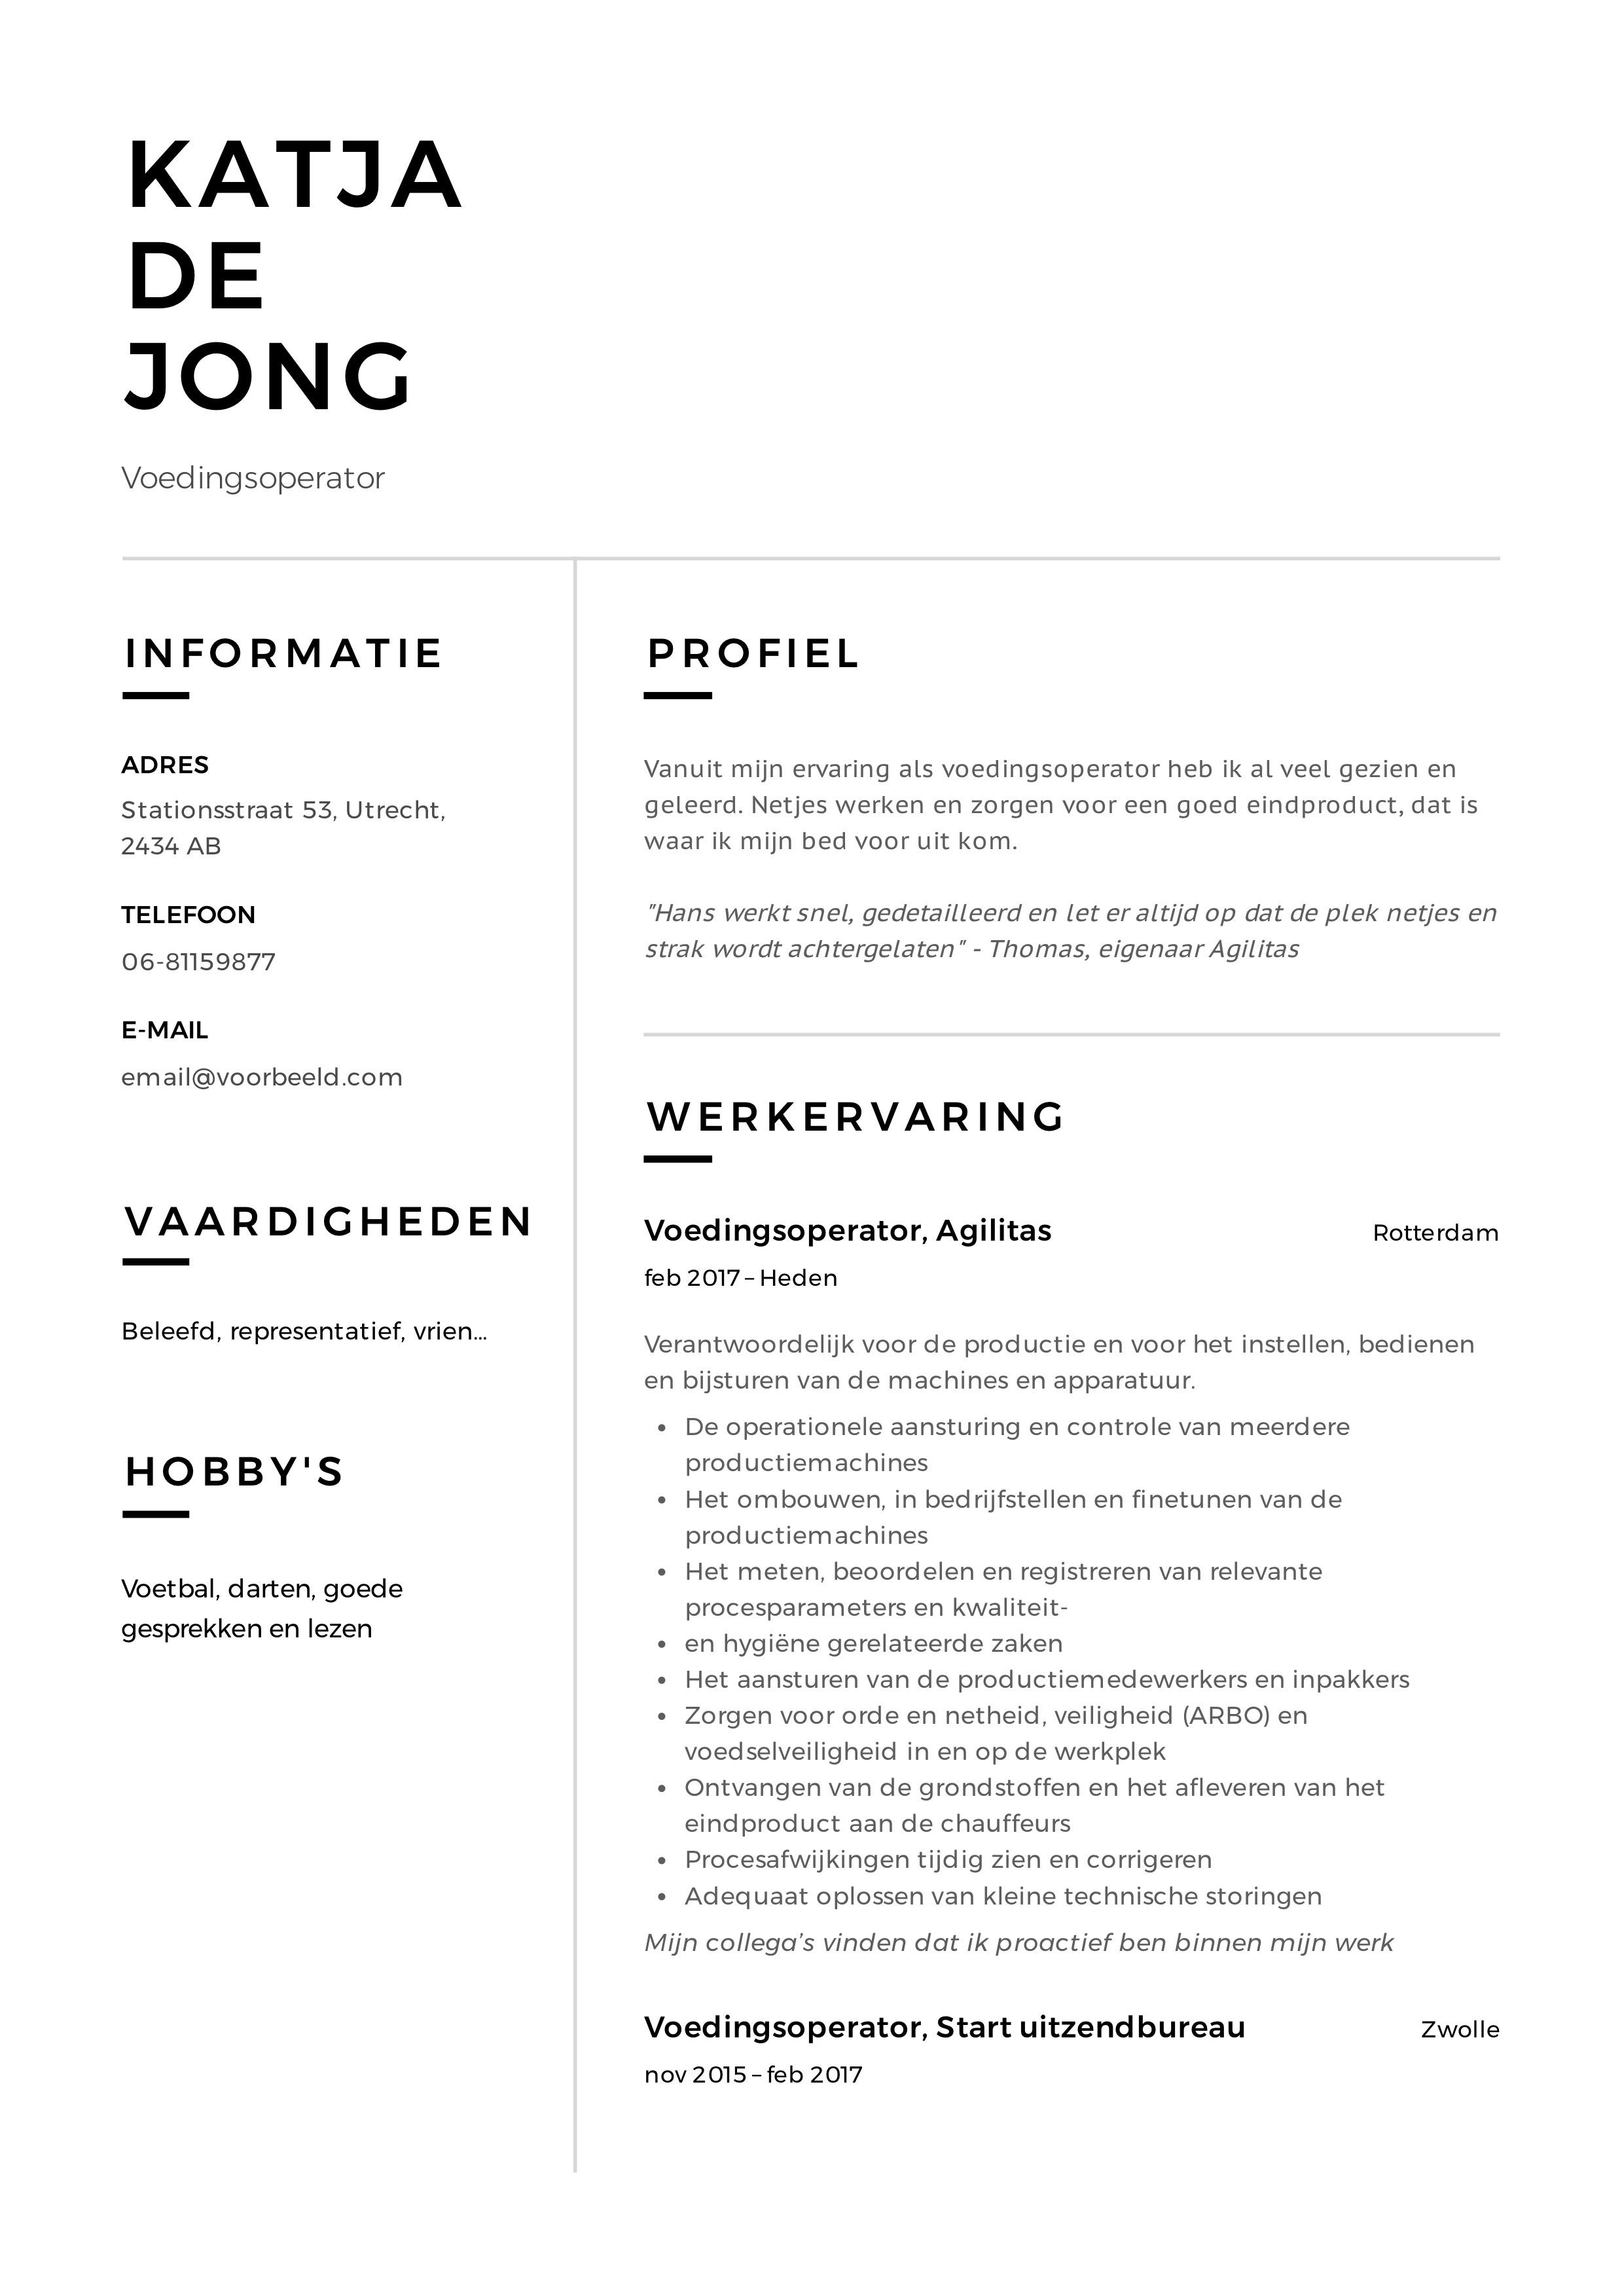 CV Voorbeeld Voedingsoperator